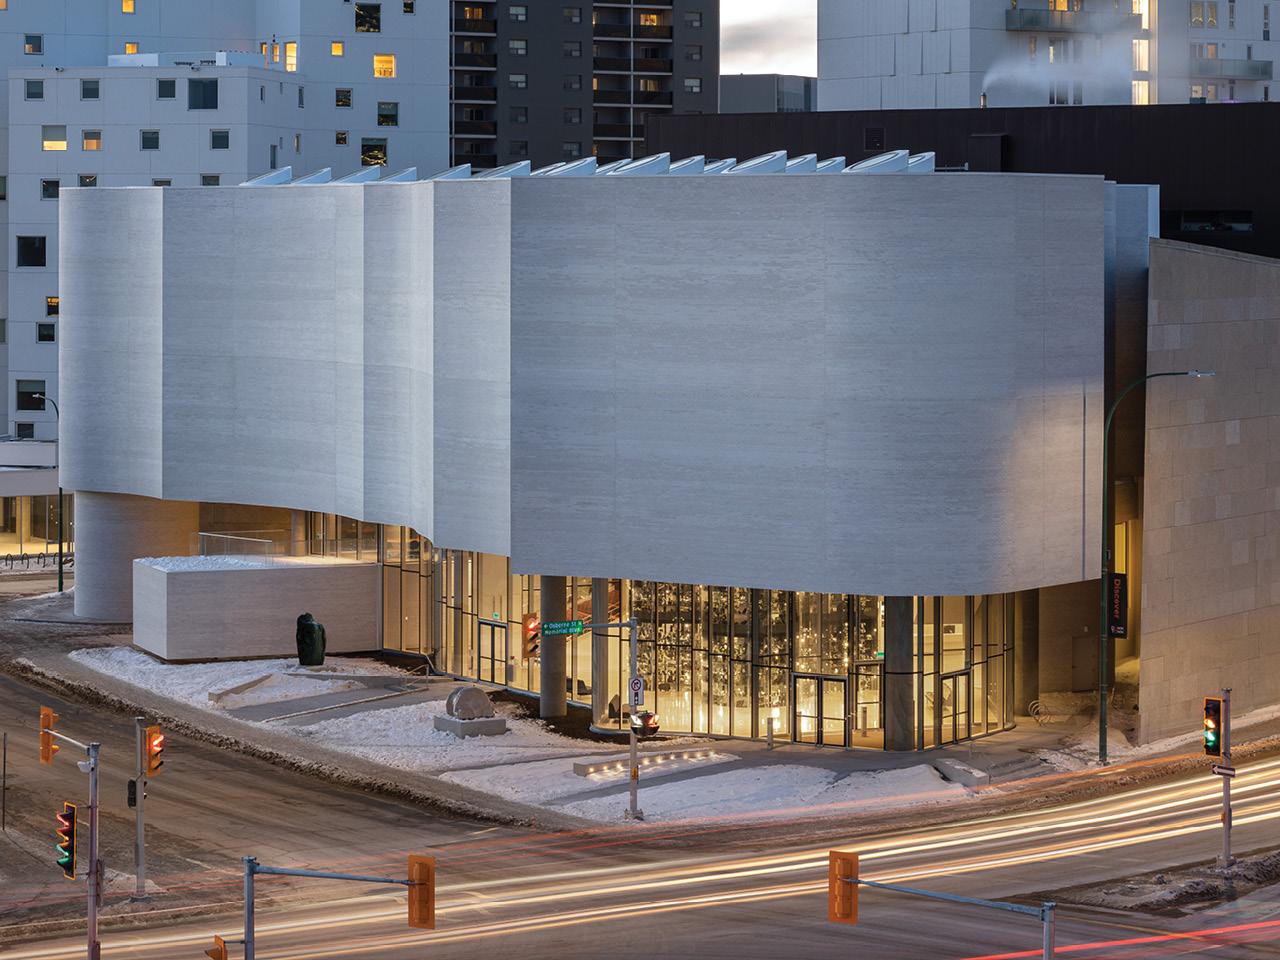 A photo of Qaumajuq, the new Inuit art centre in Winnipeg.